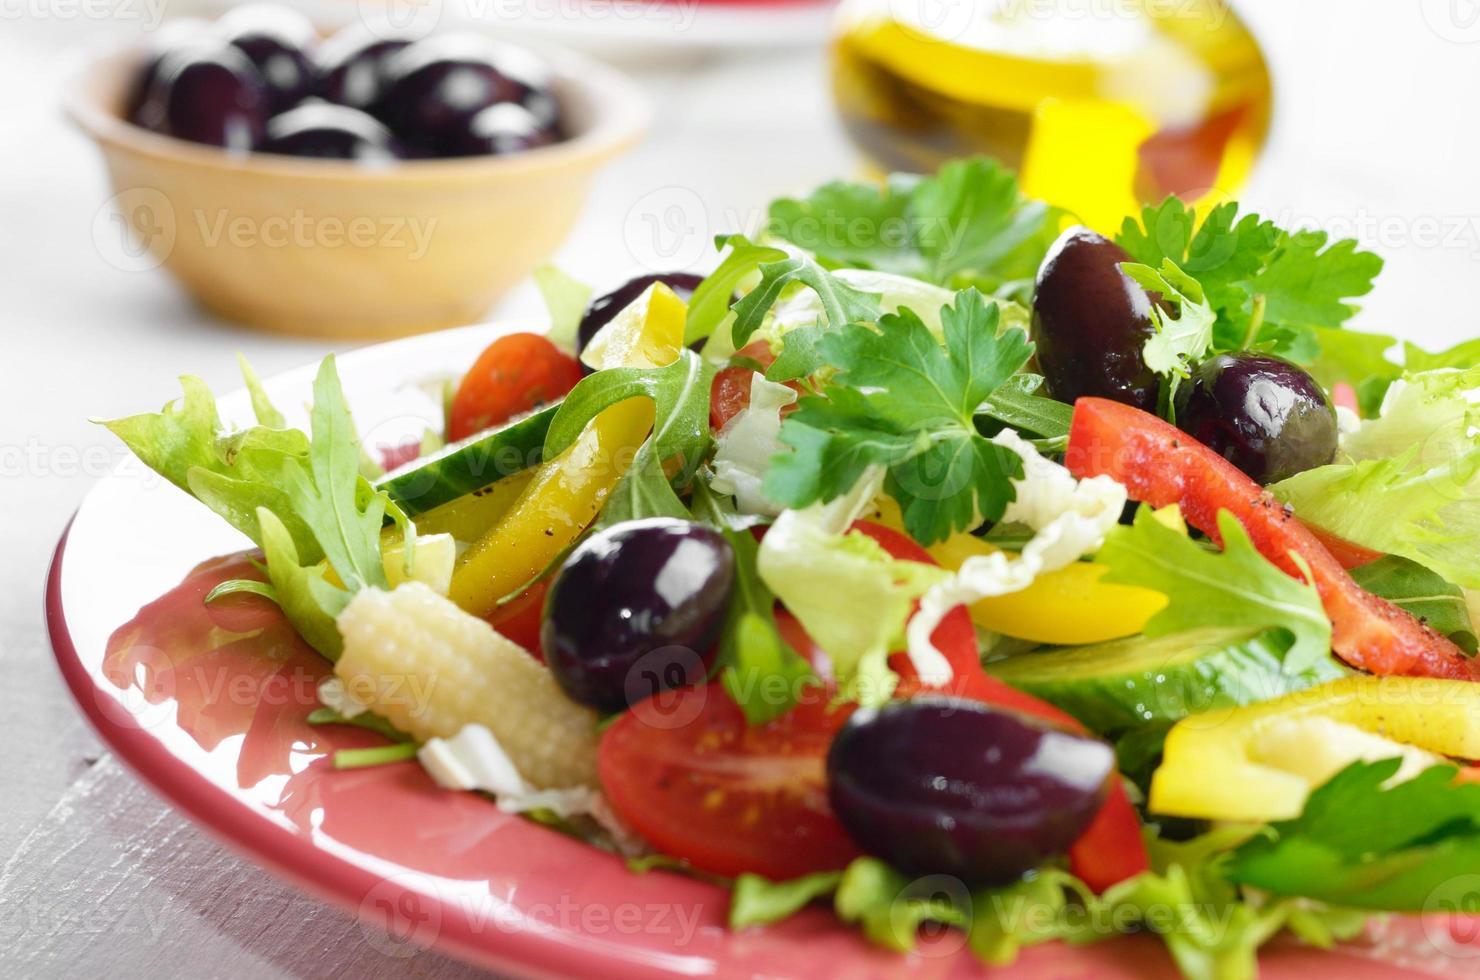 Reducen la ingesta de alimentos vegetales saludables